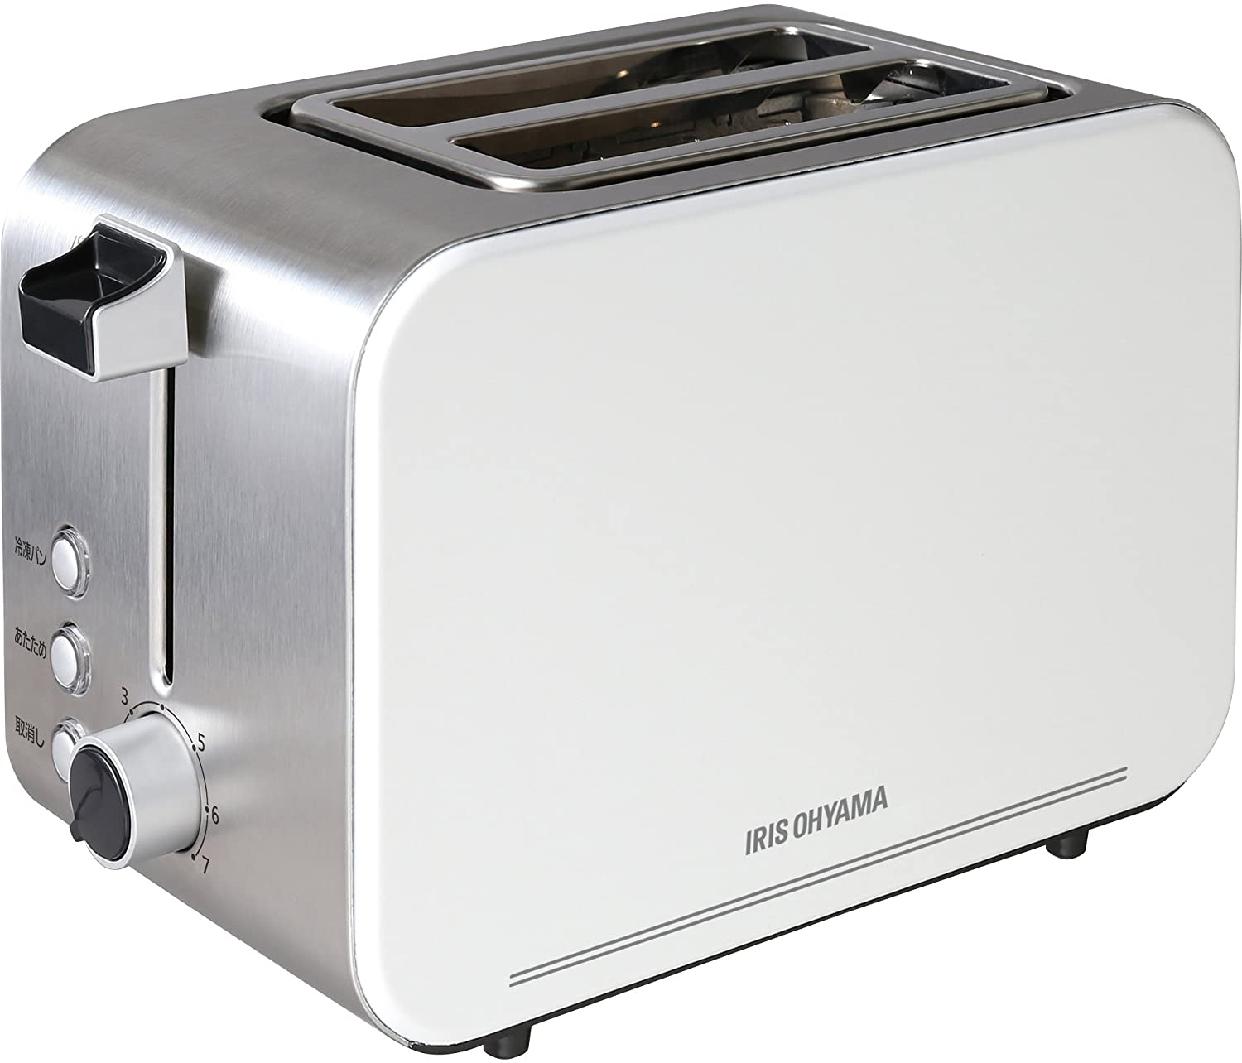 IRIS OHYAMA(アイリスオーヤマ) ポップアップトースター 白 IPT-850-Wの商品画像